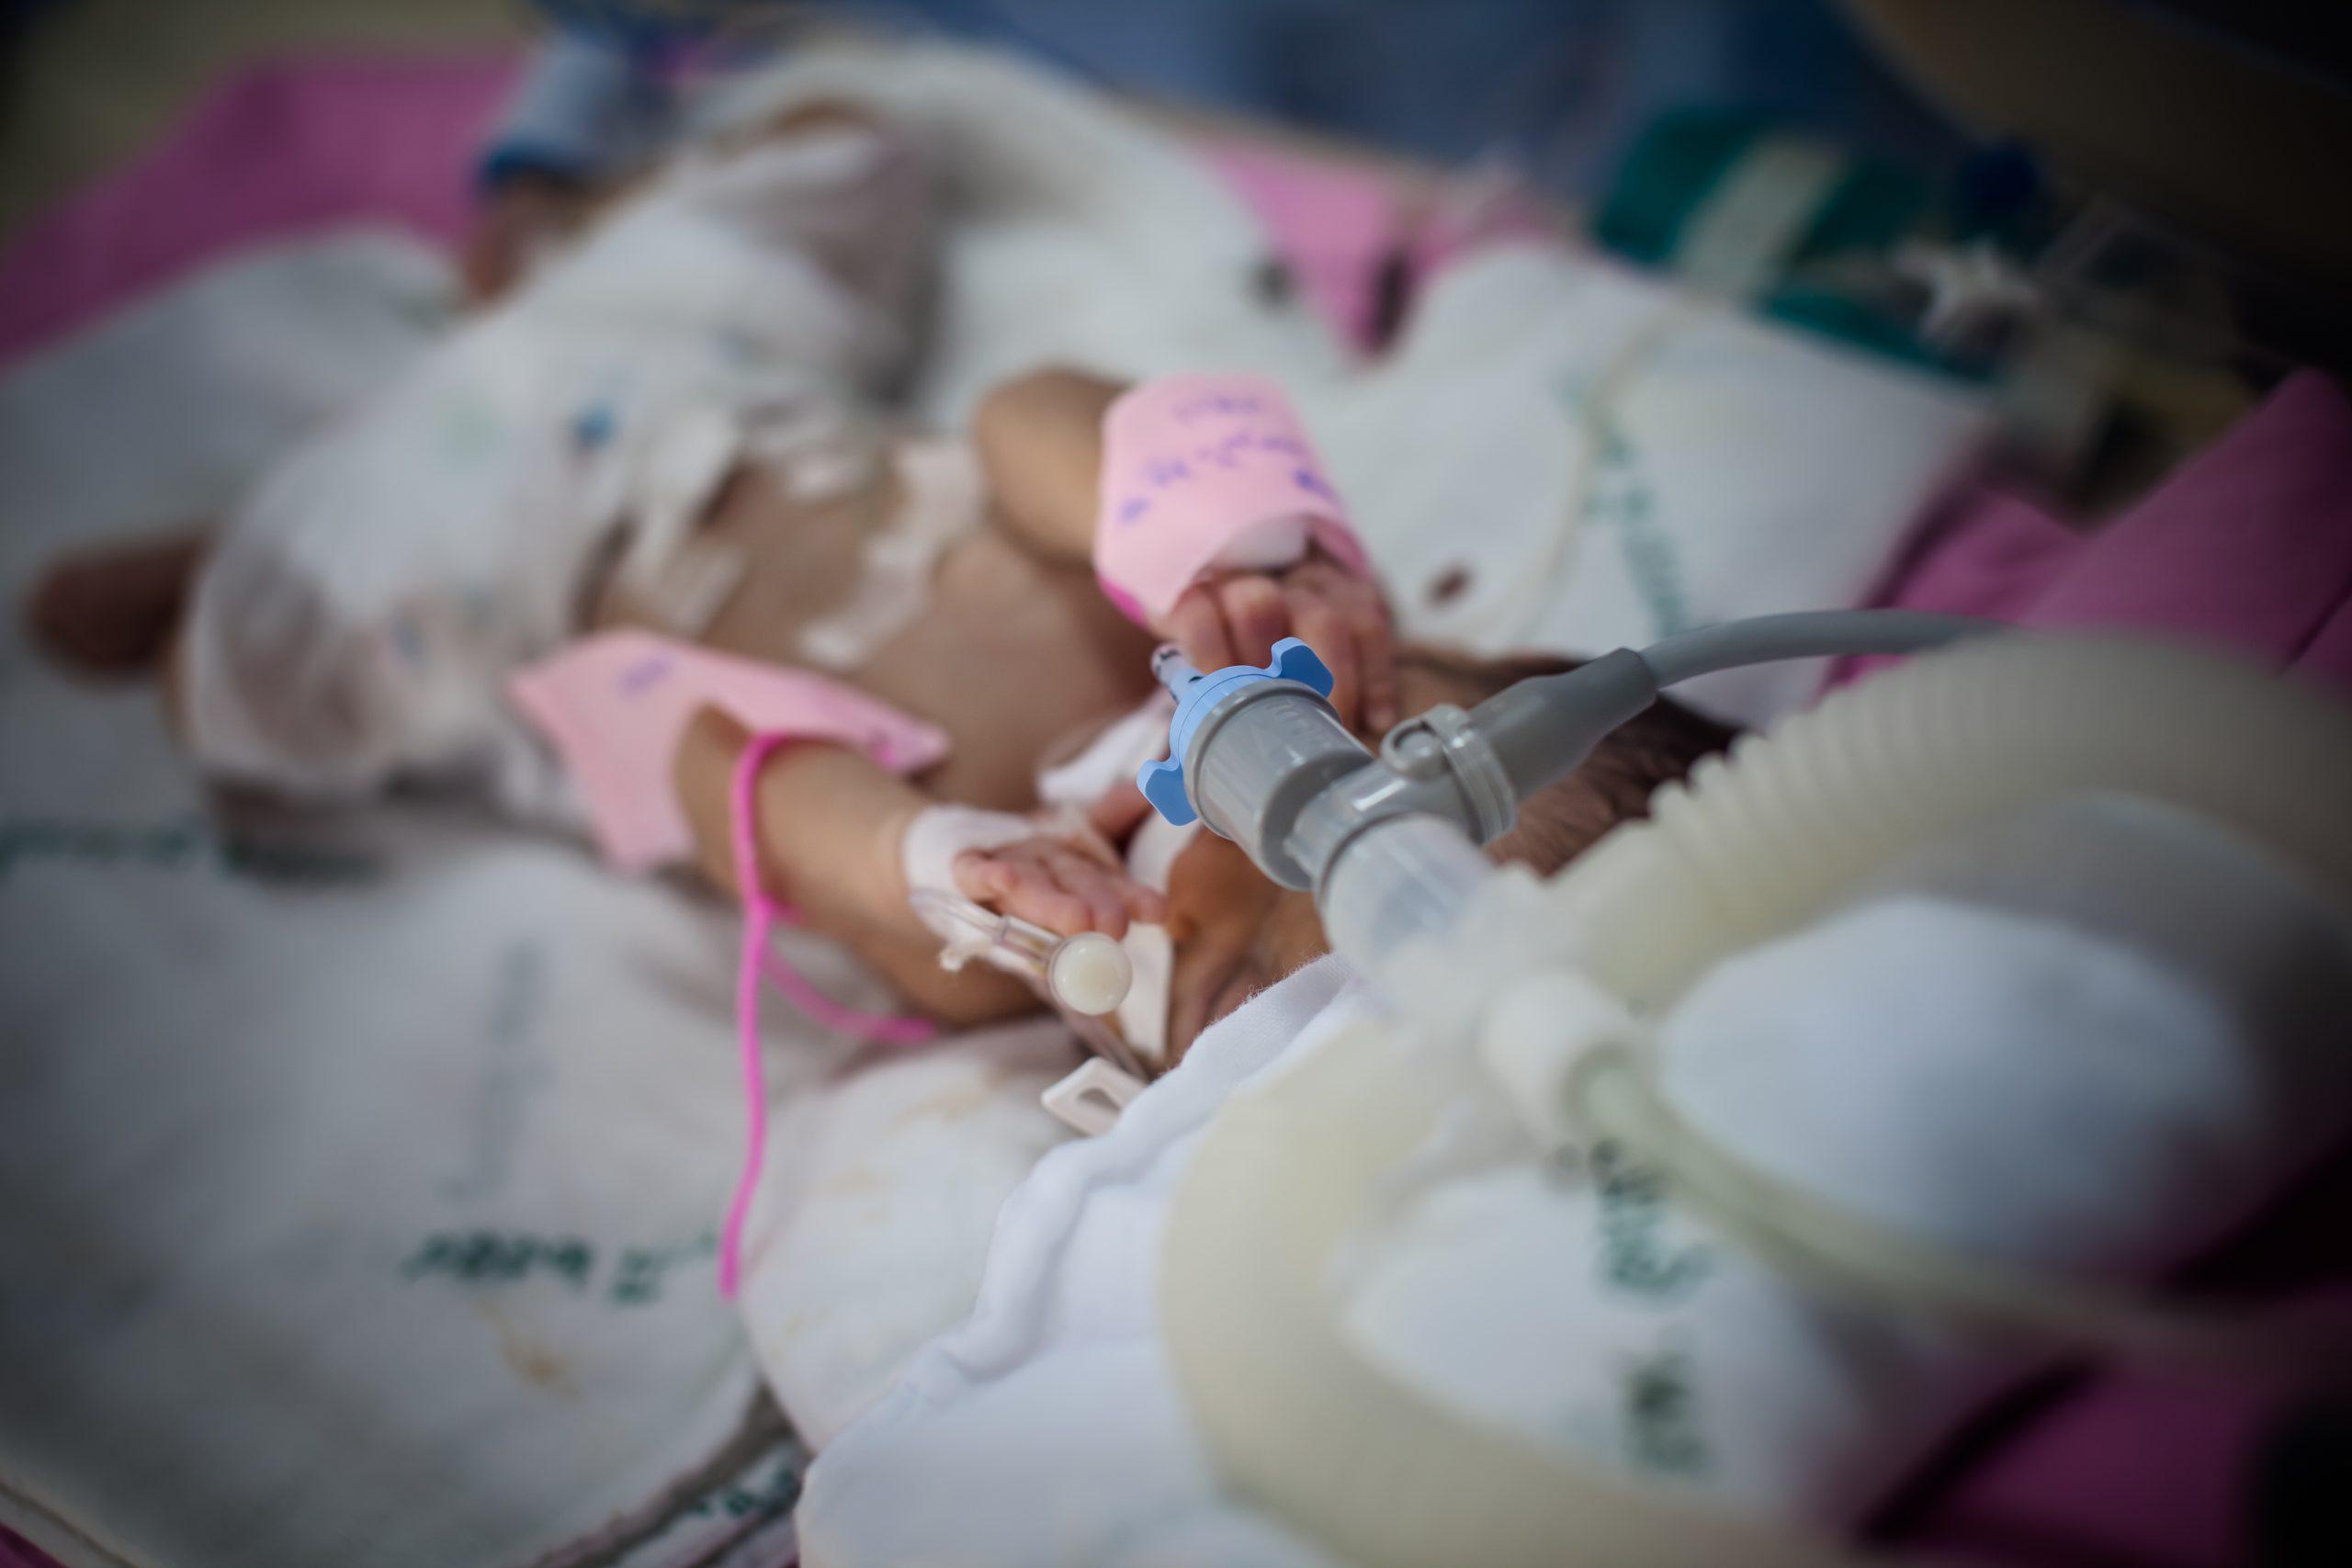 nou născut la terapie intensivă